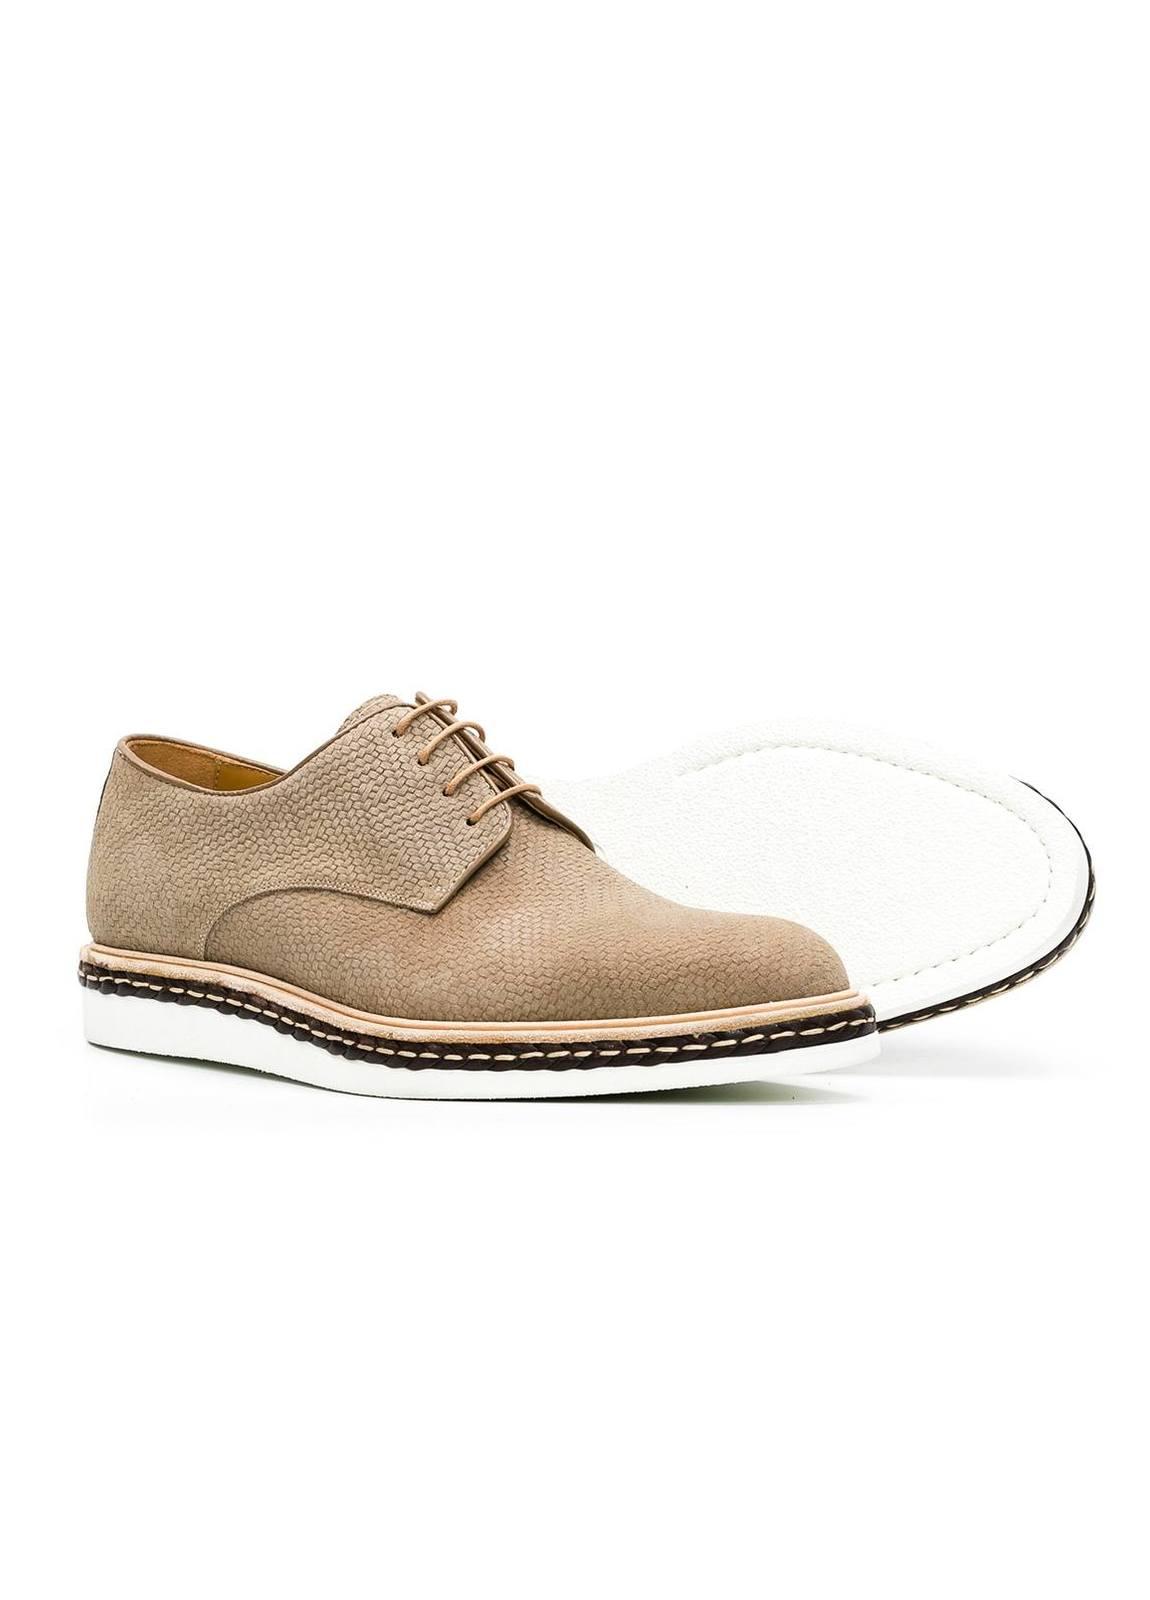 Calzado Sport Wear color beige,100% Serraje. - Ítem1